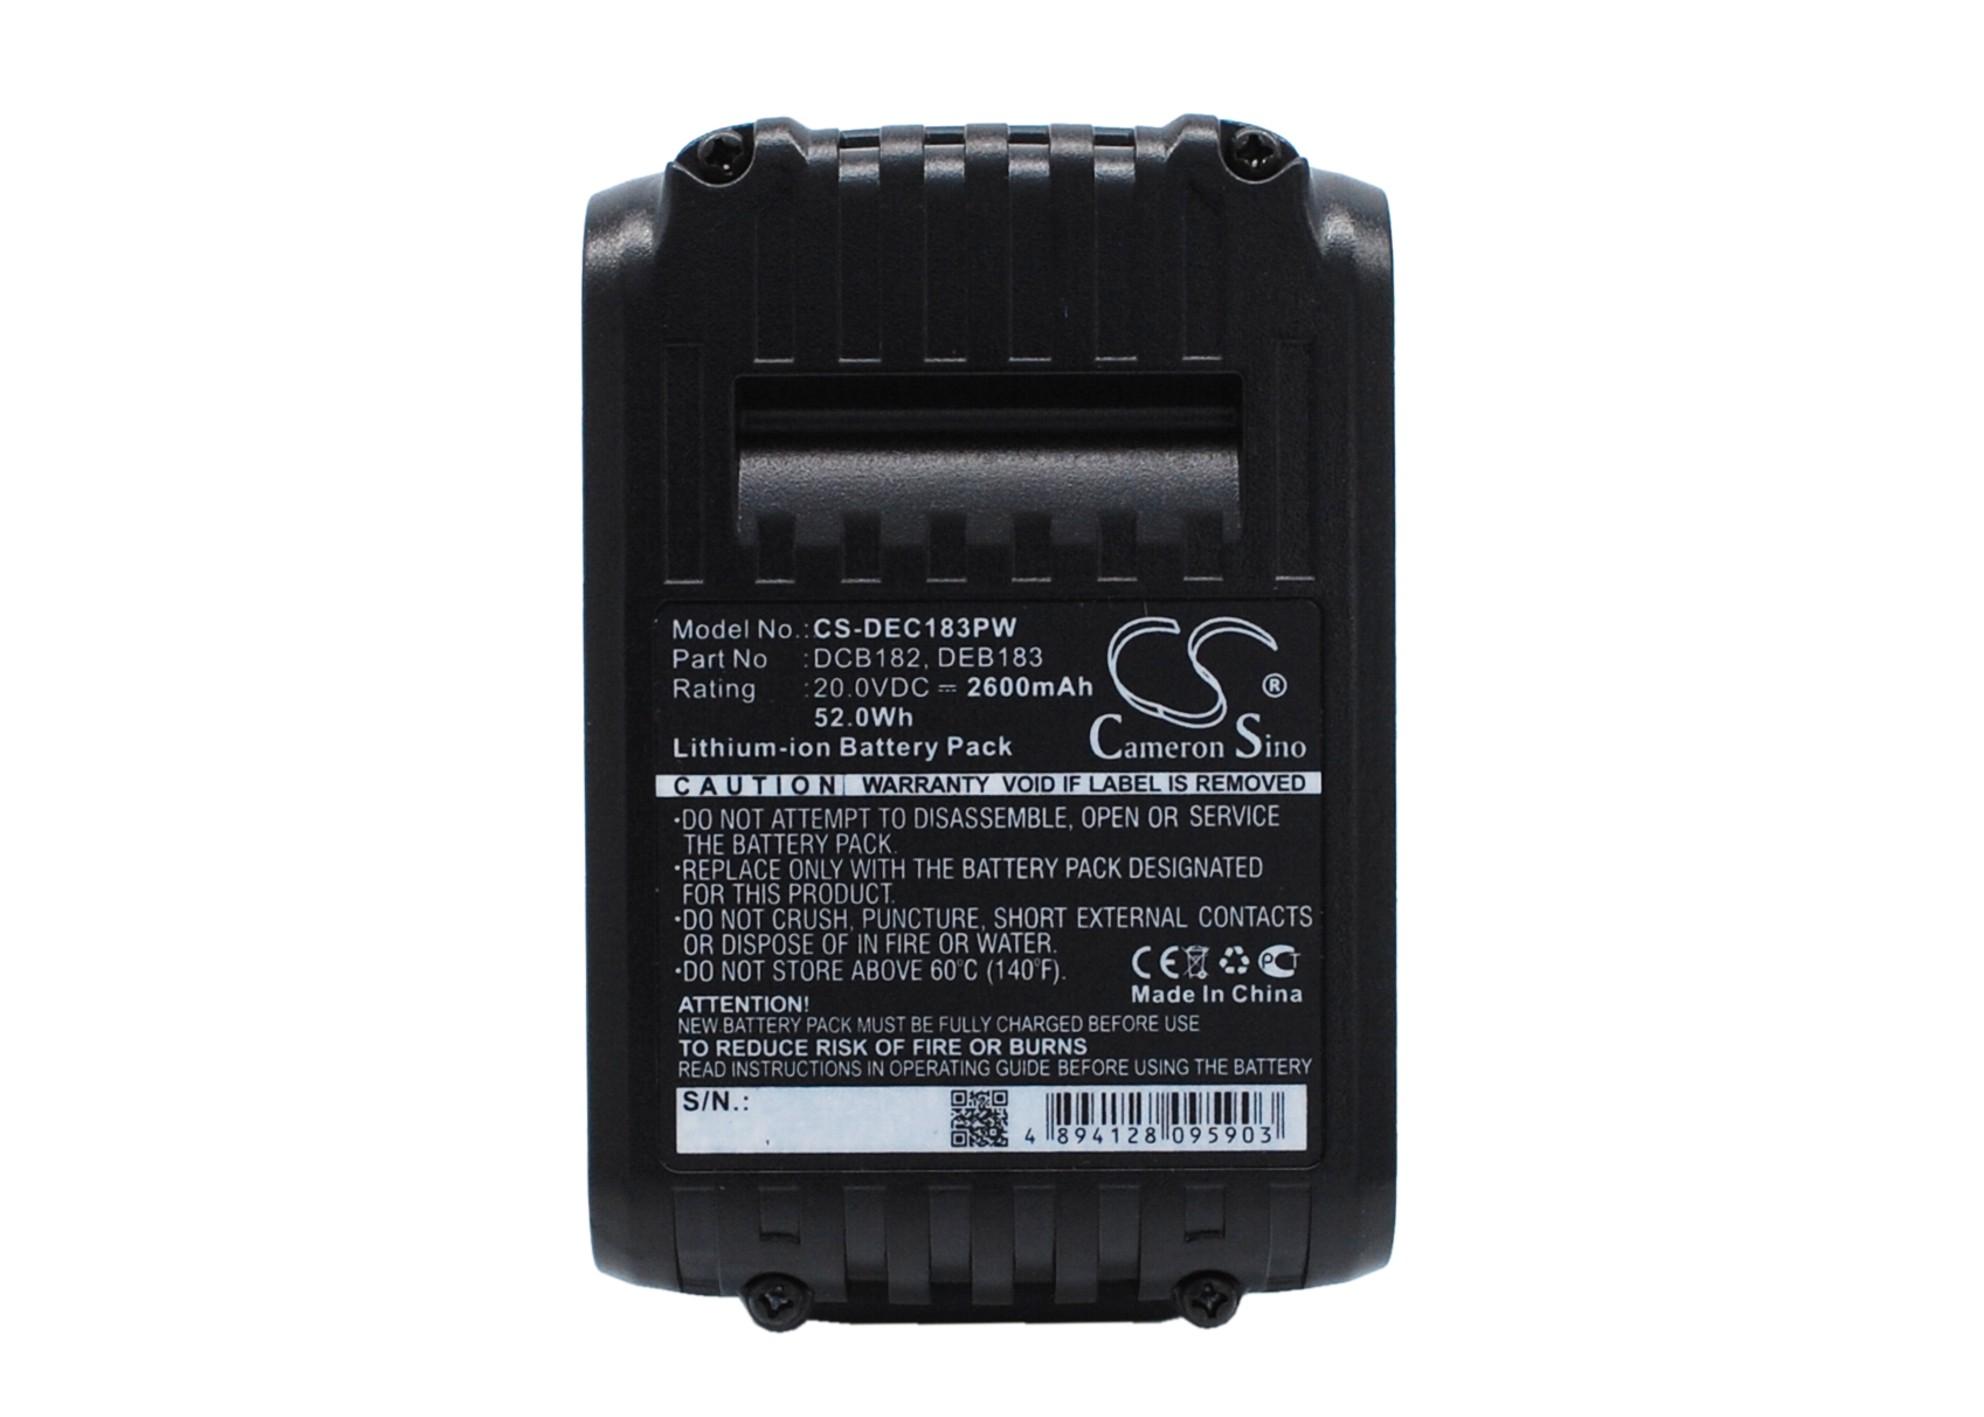 Cameron Sino baterie do nářadí pro DEWALT DCF885L2 20V Li-ion 2600mAh černá - neoriginální